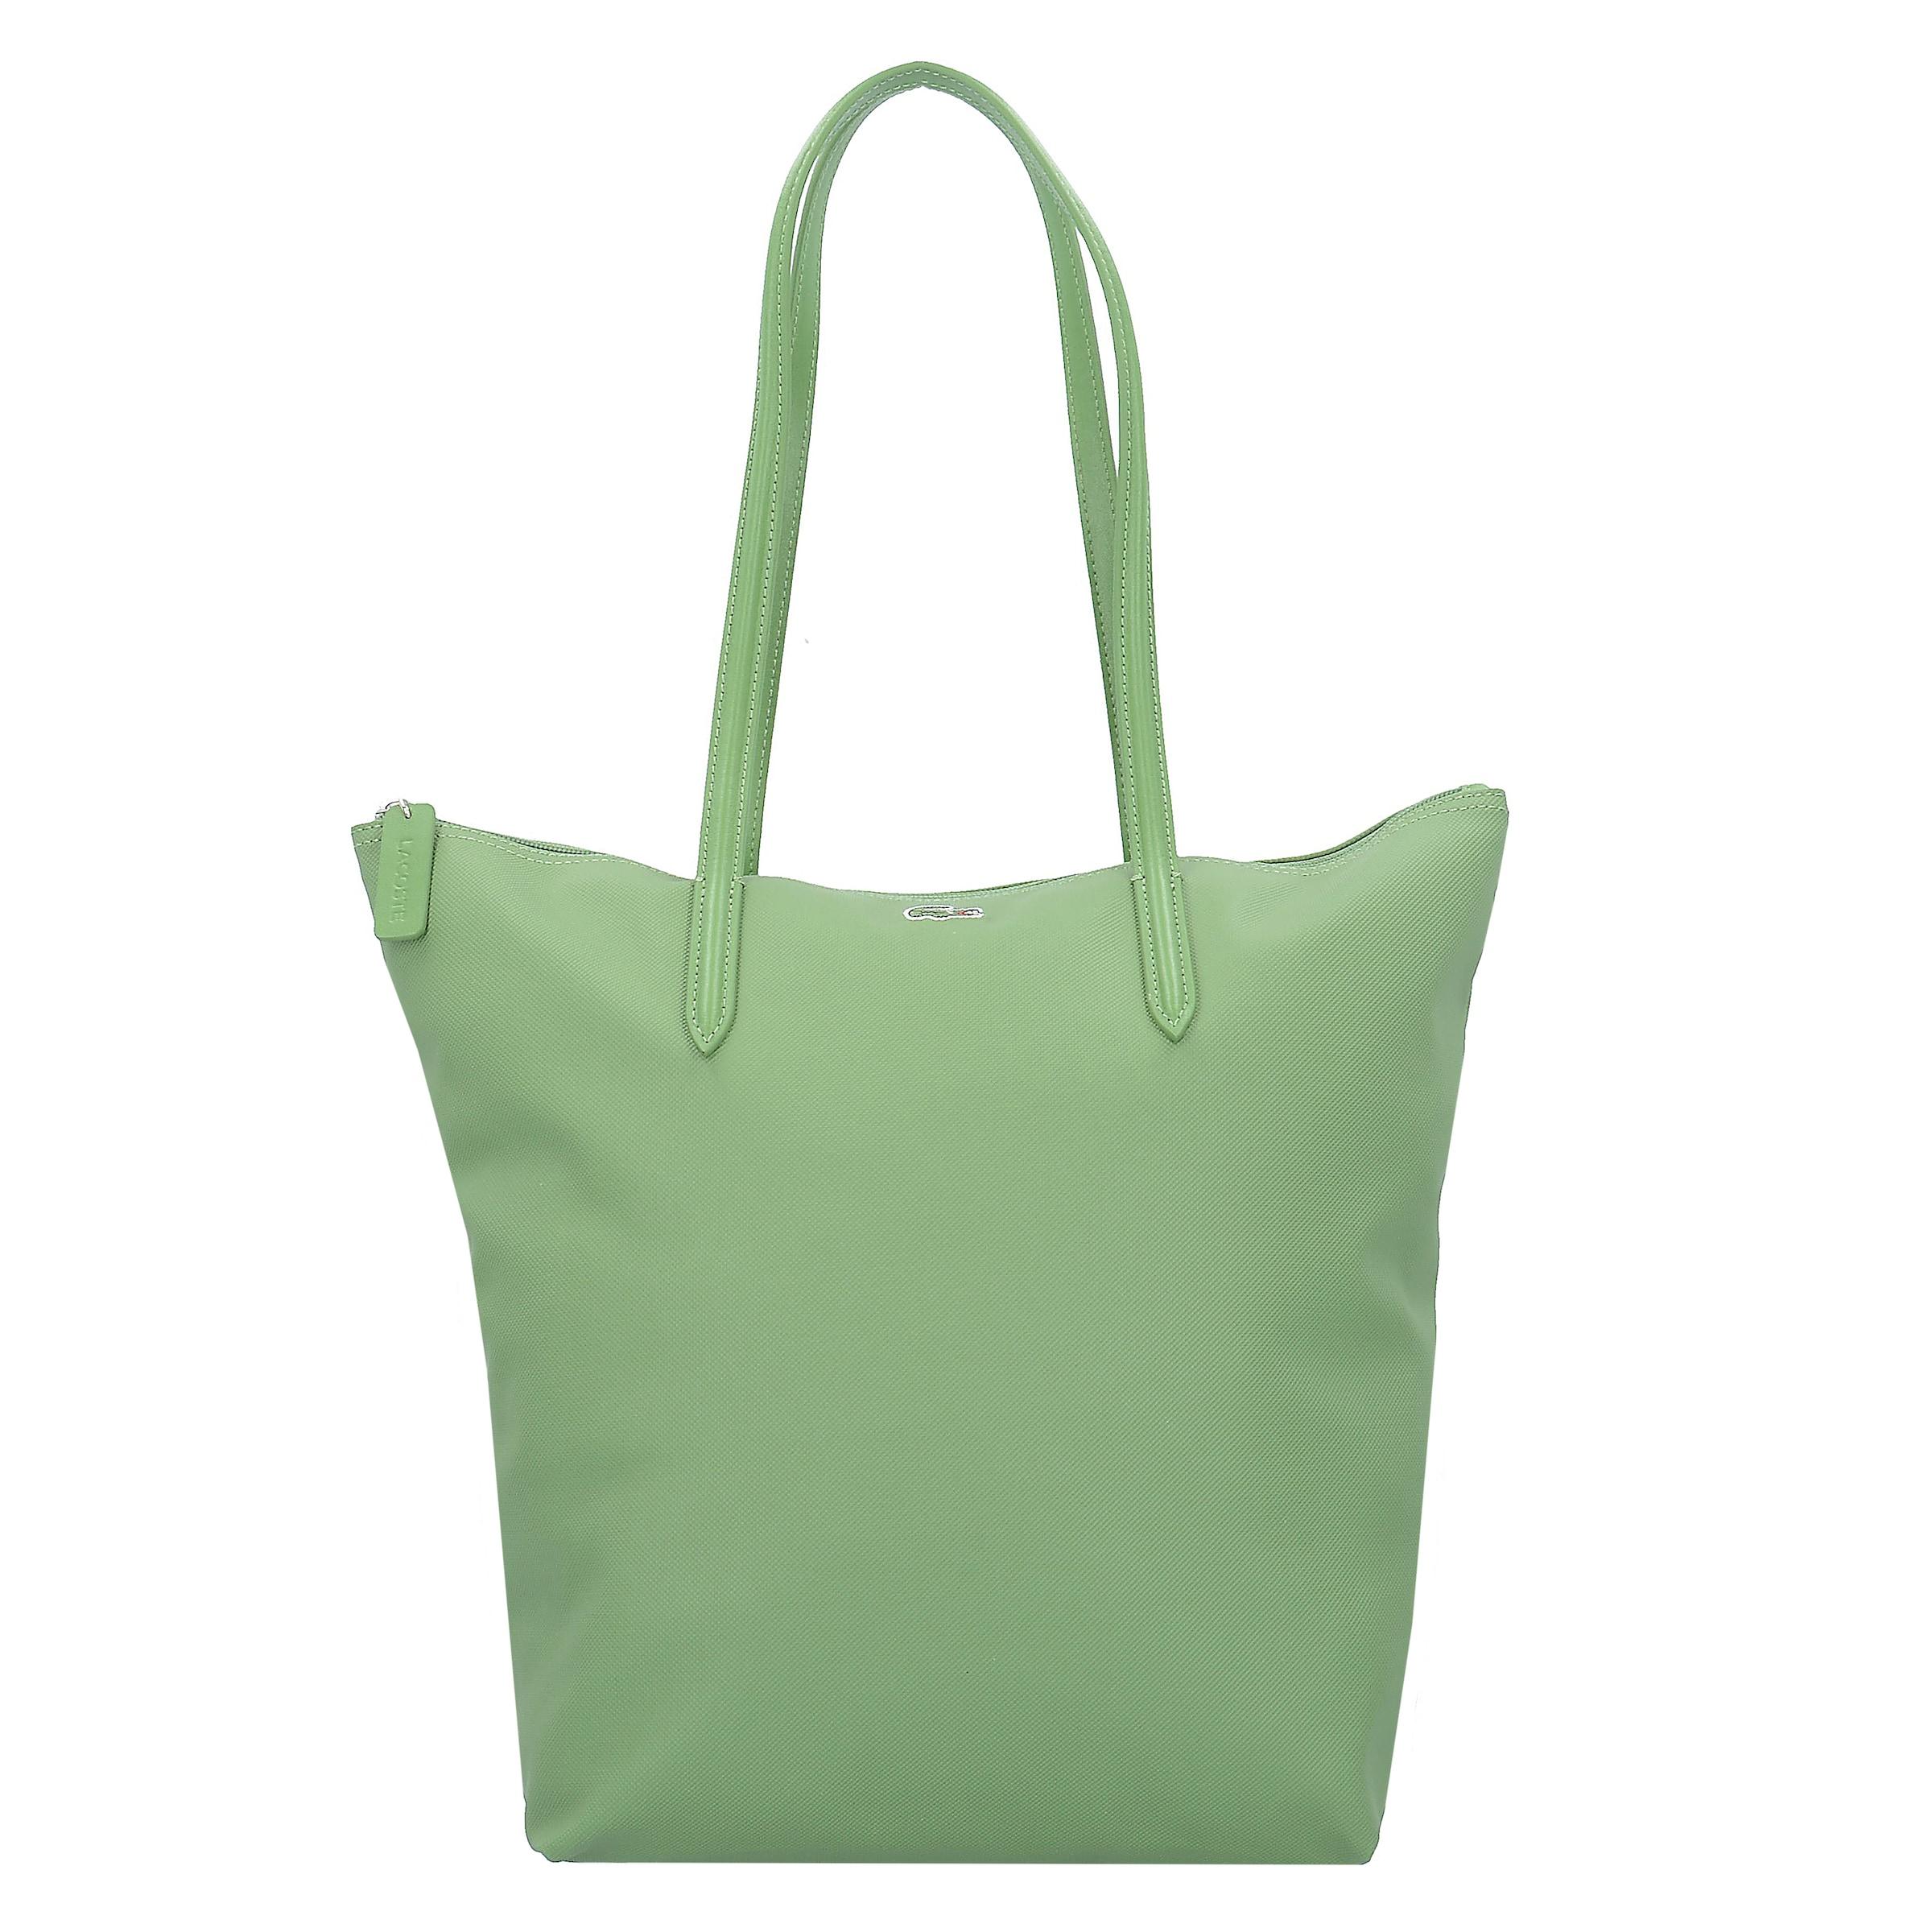 Online LACOSTE Shopper Tasche Billig Erkunden Freies Verschiffen Neue D6P4Nl